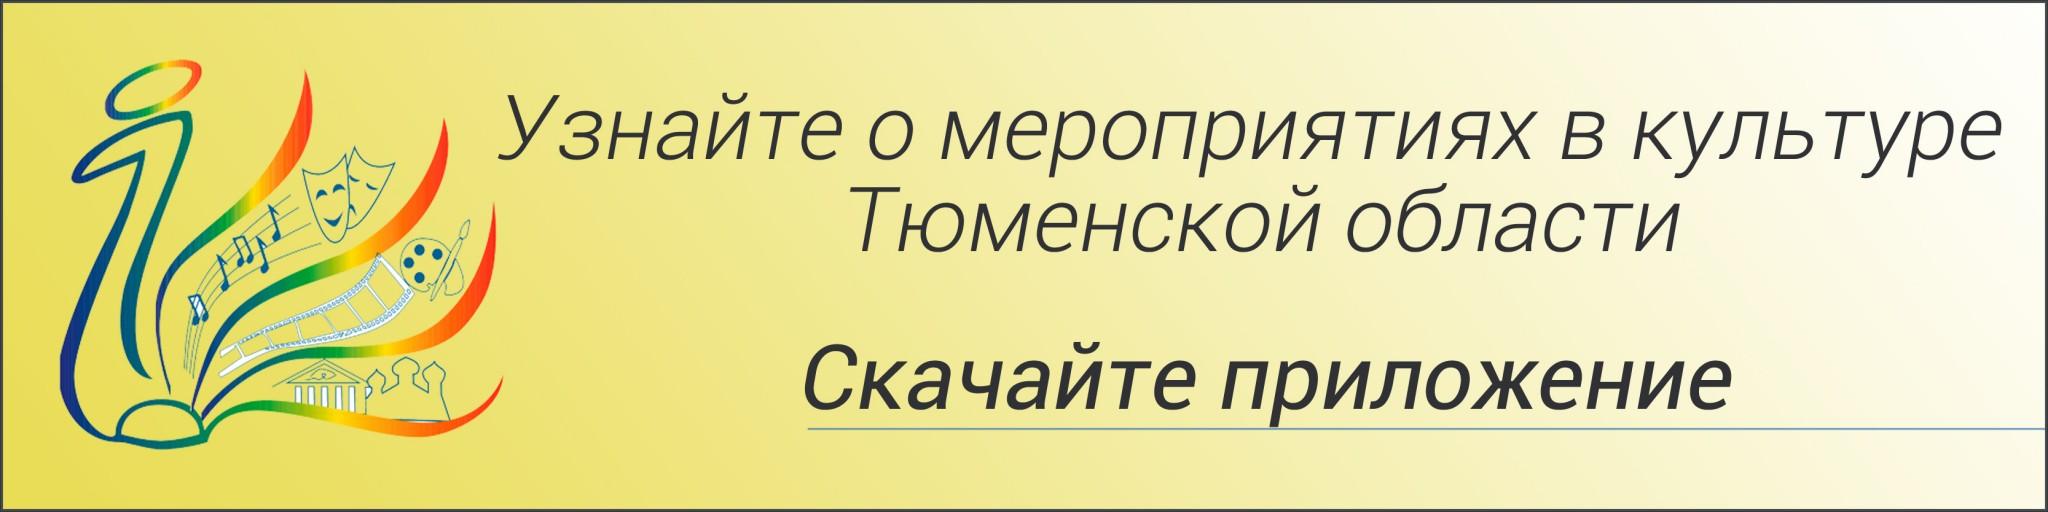 Информационный портал культуры Тюменской области